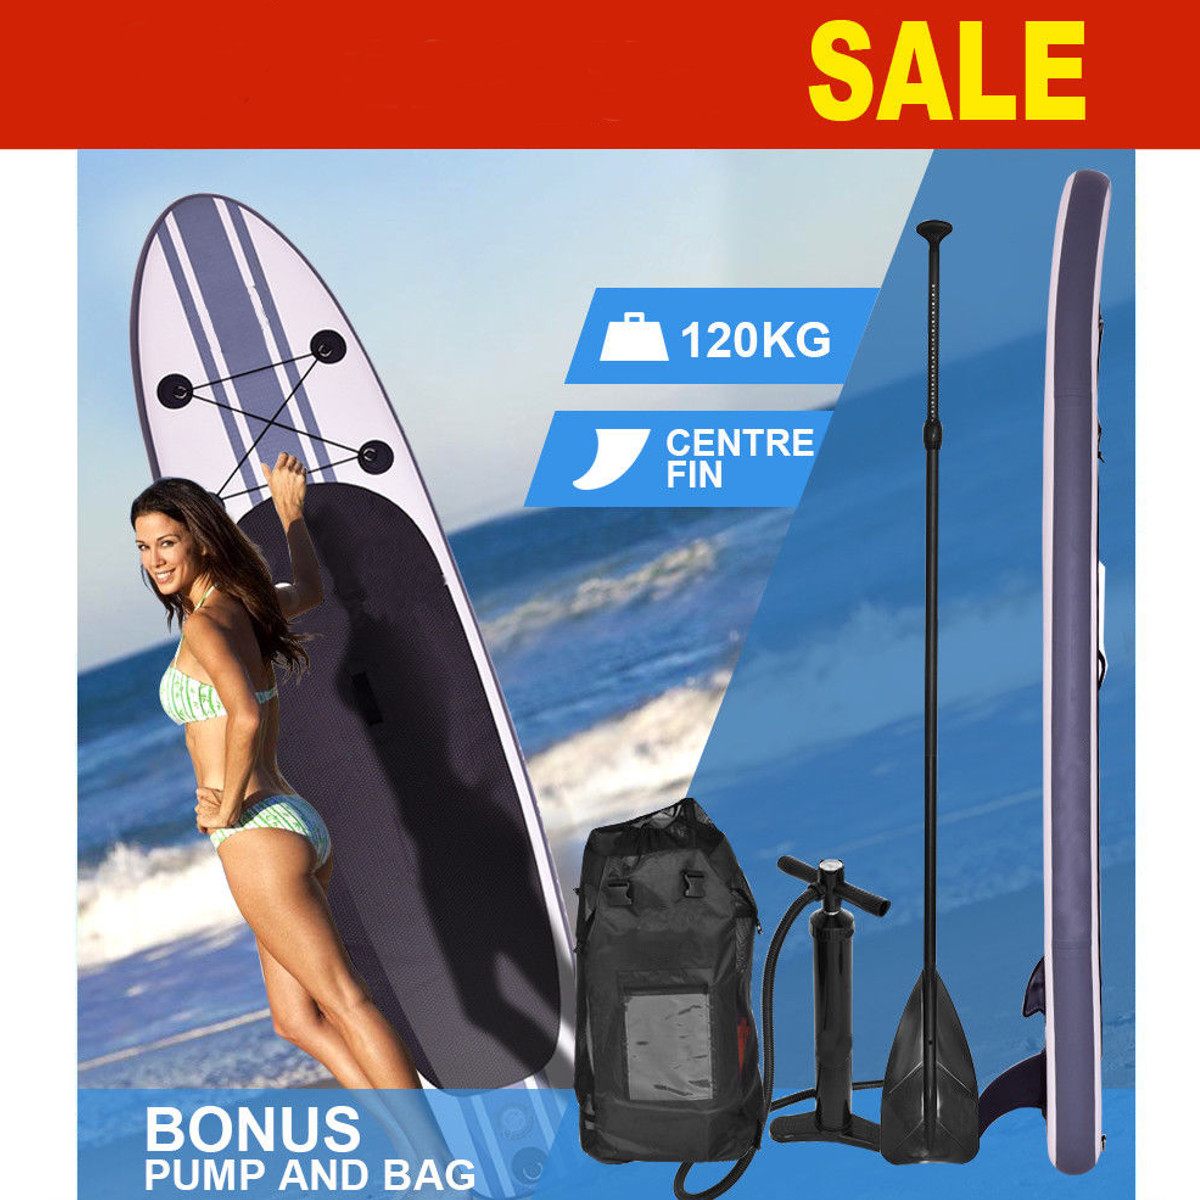 Gofun 335*76*15 cm Stand Up Paddle Surf Planche Gonflable SUP Ensemble Wave Rider + Pompe gonflable planche de surf bateau à aubes